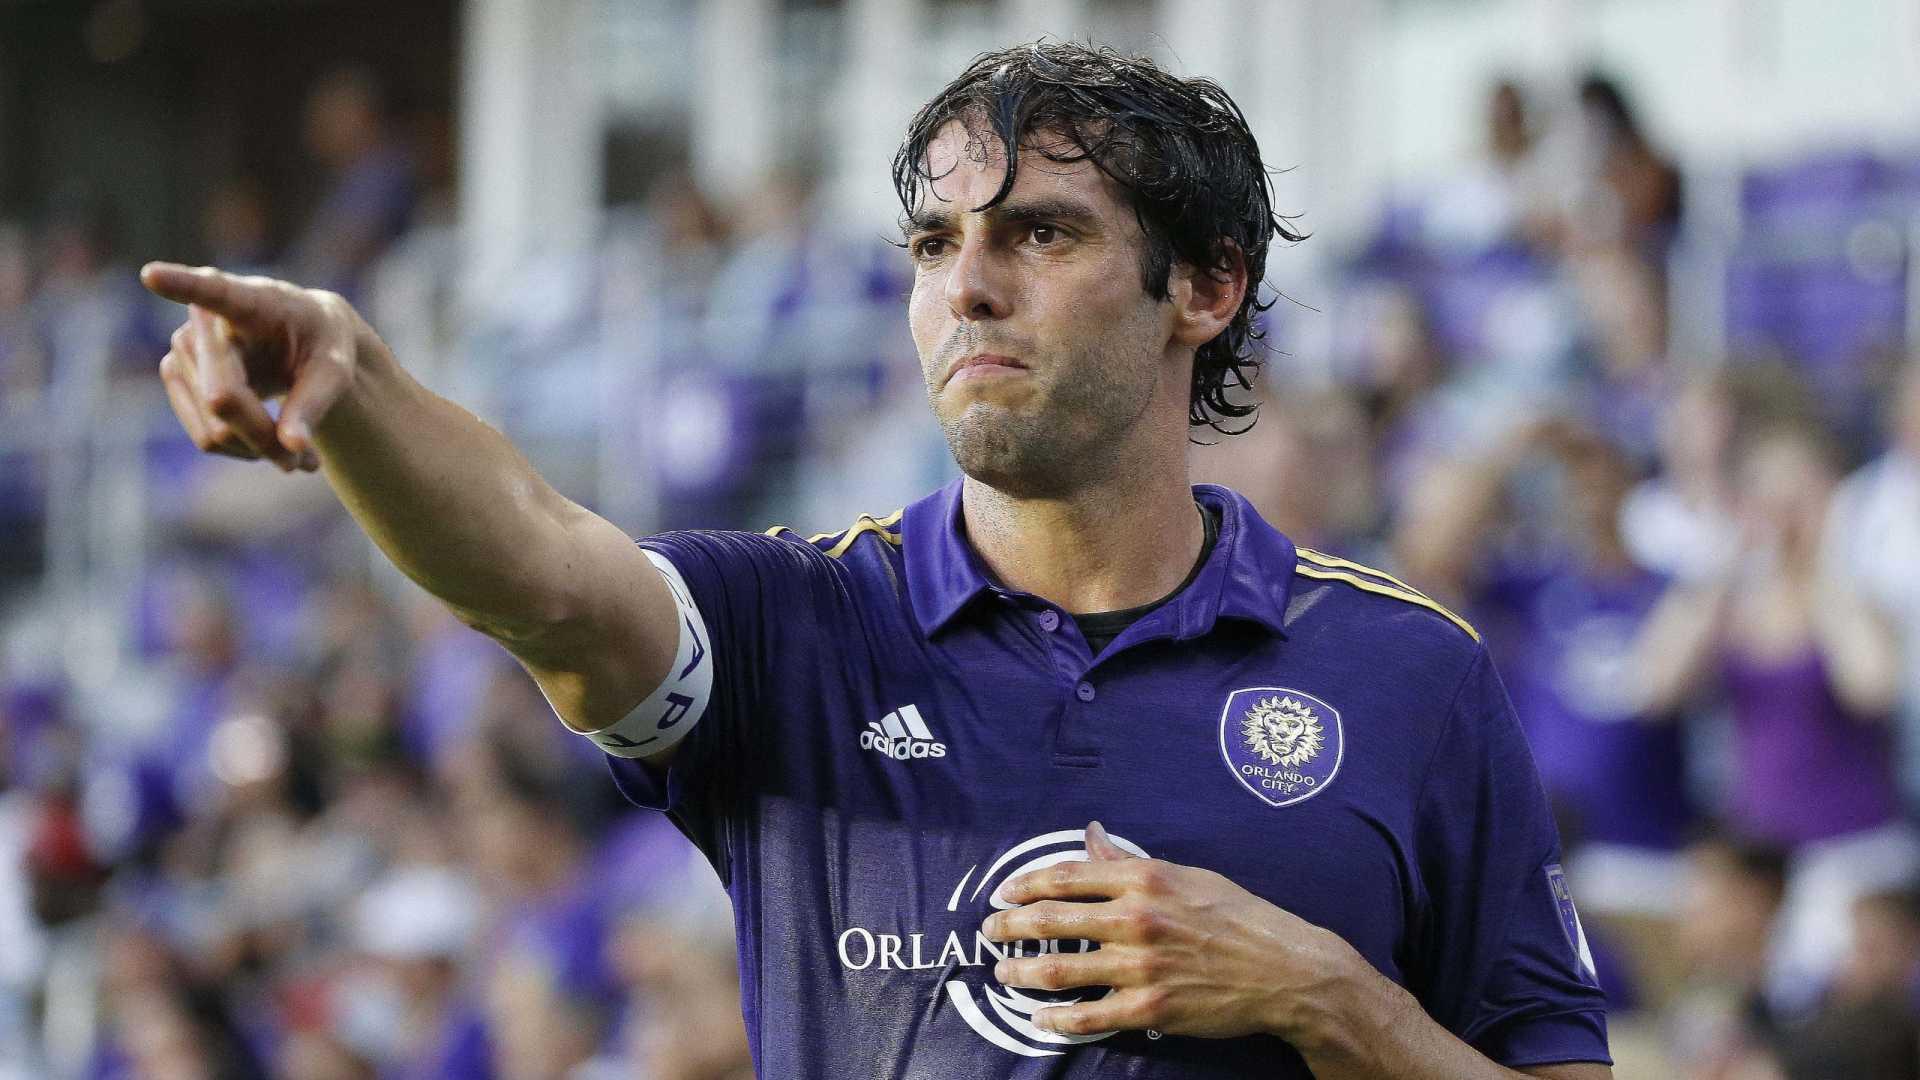 naom 59da57935b5f0 - Kaká sairá do Orlando City, e analisa situação do São Paulo para decidir carreira